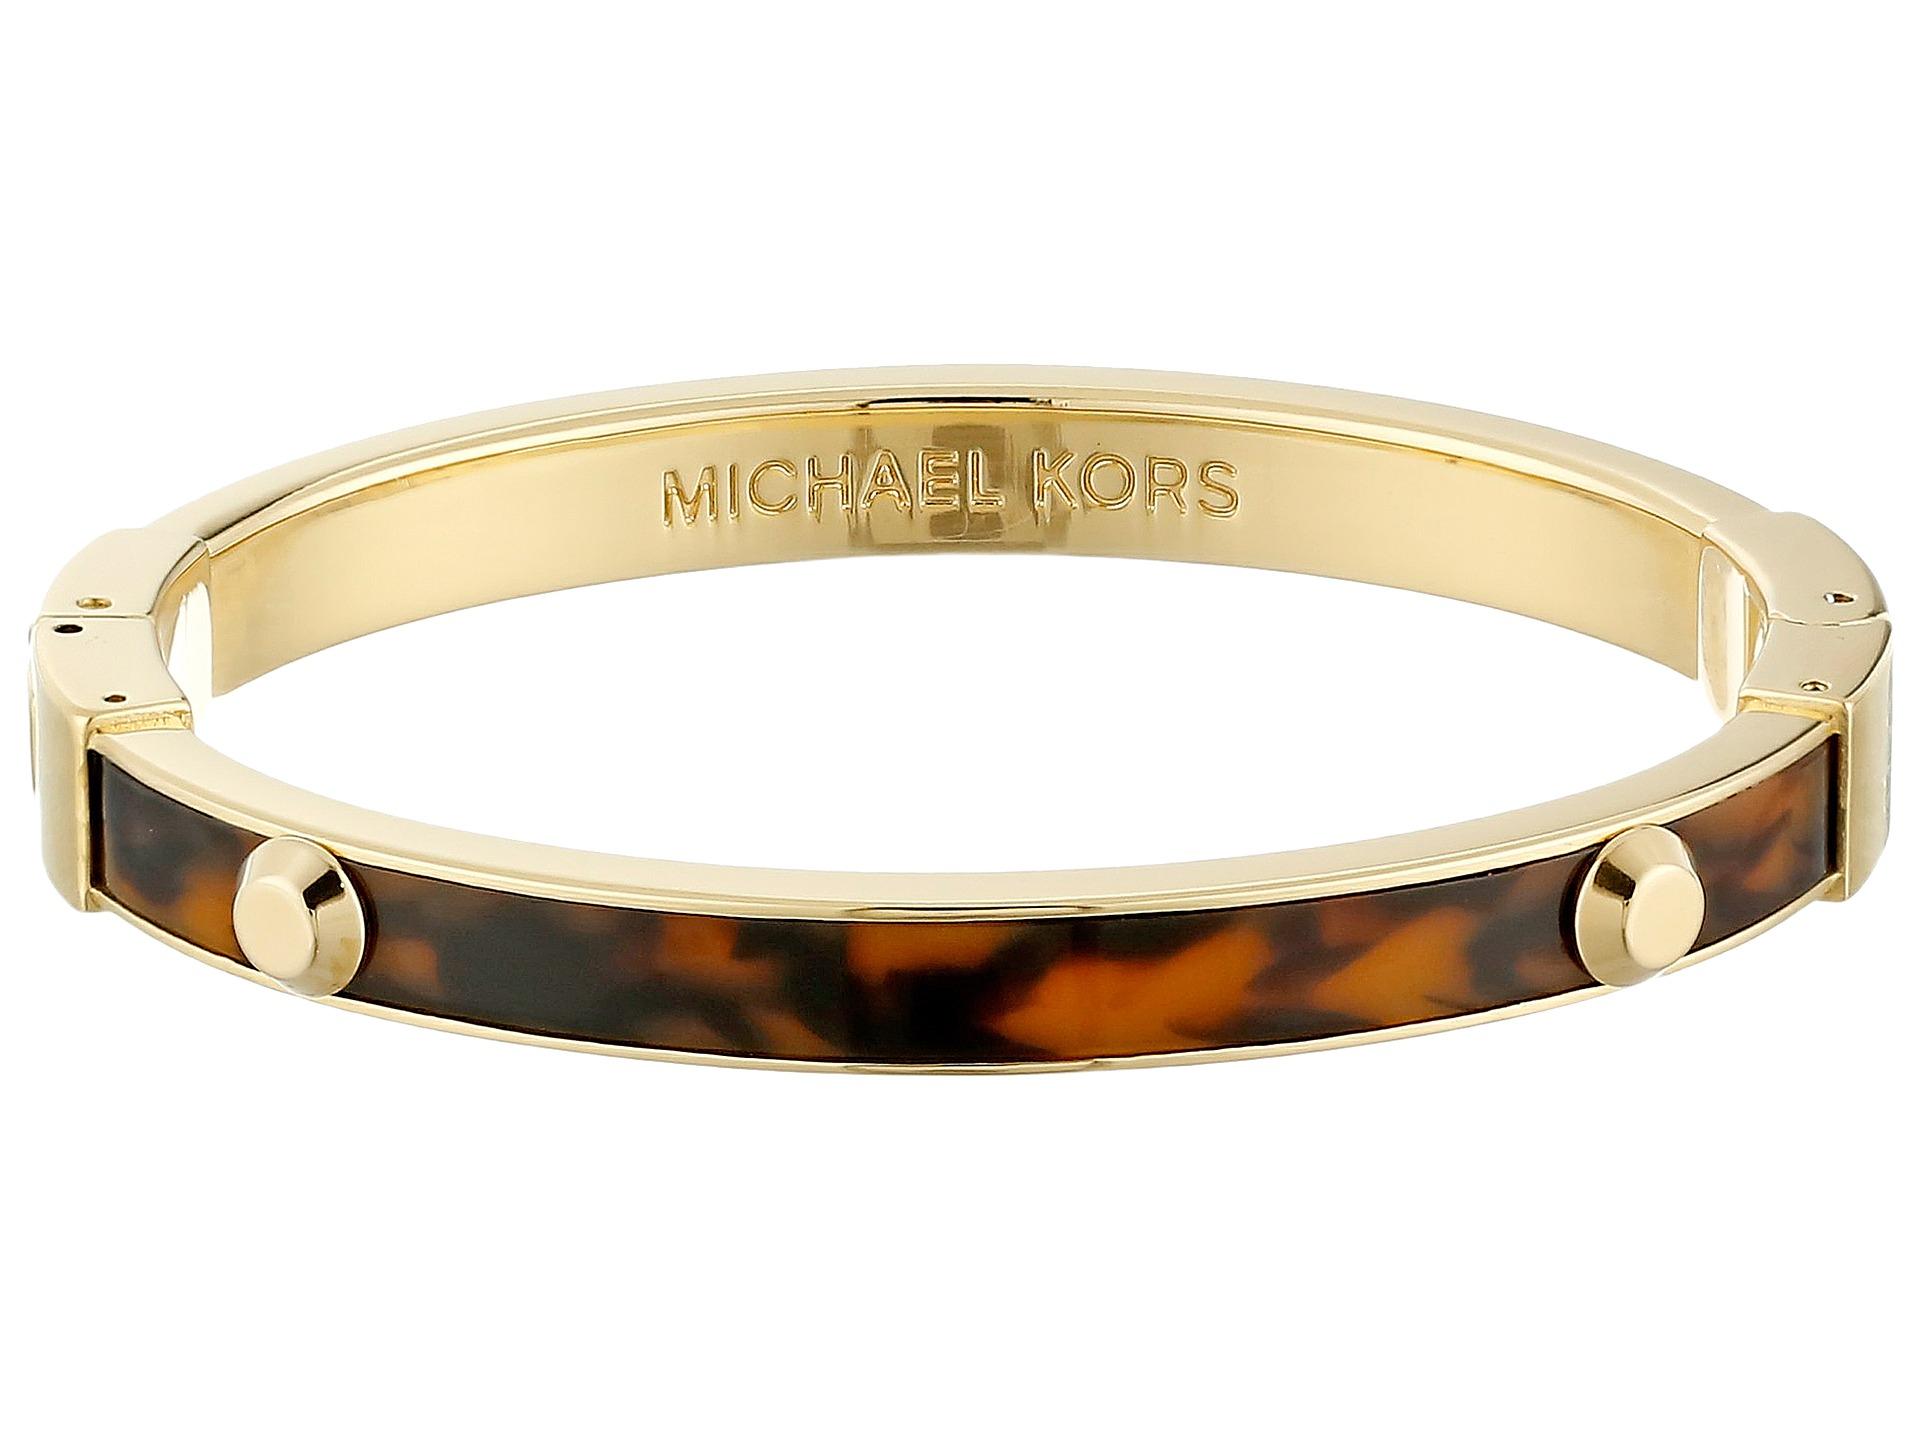 michael kors resort astor bangle bracelet in brown. Black Bedroom Furniture Sets. Home Design Ideas